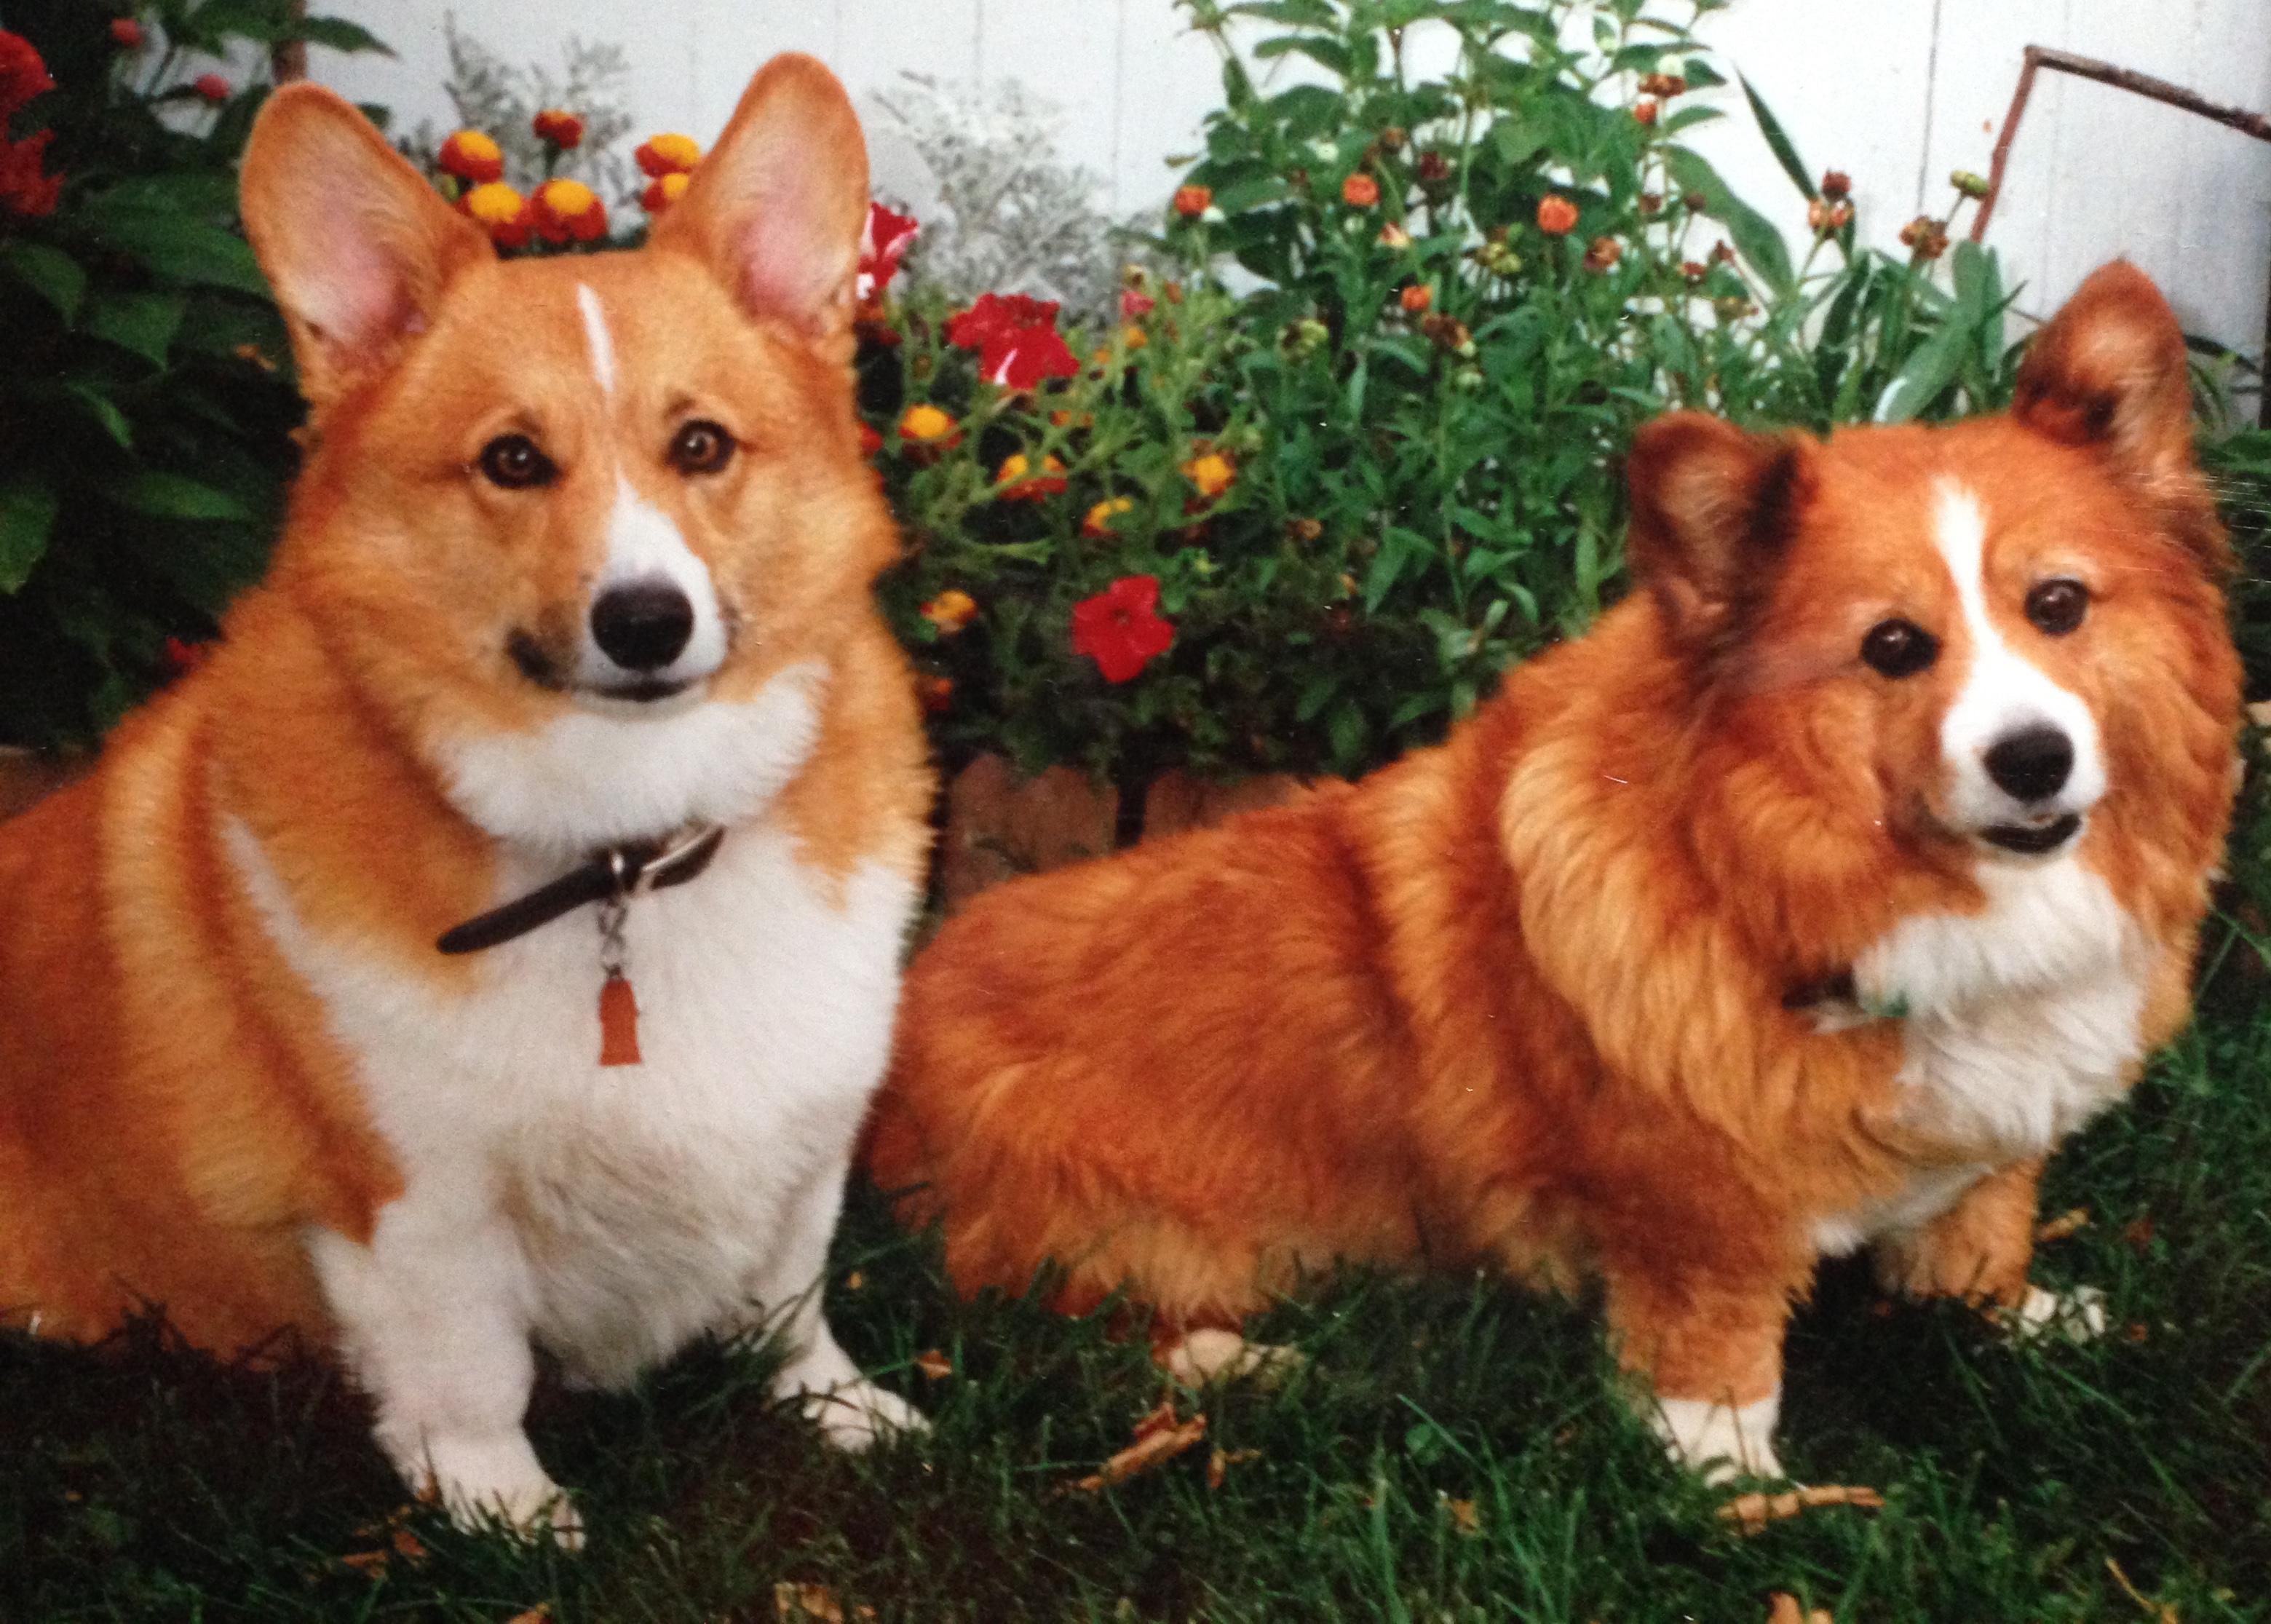 Jake and Lentil